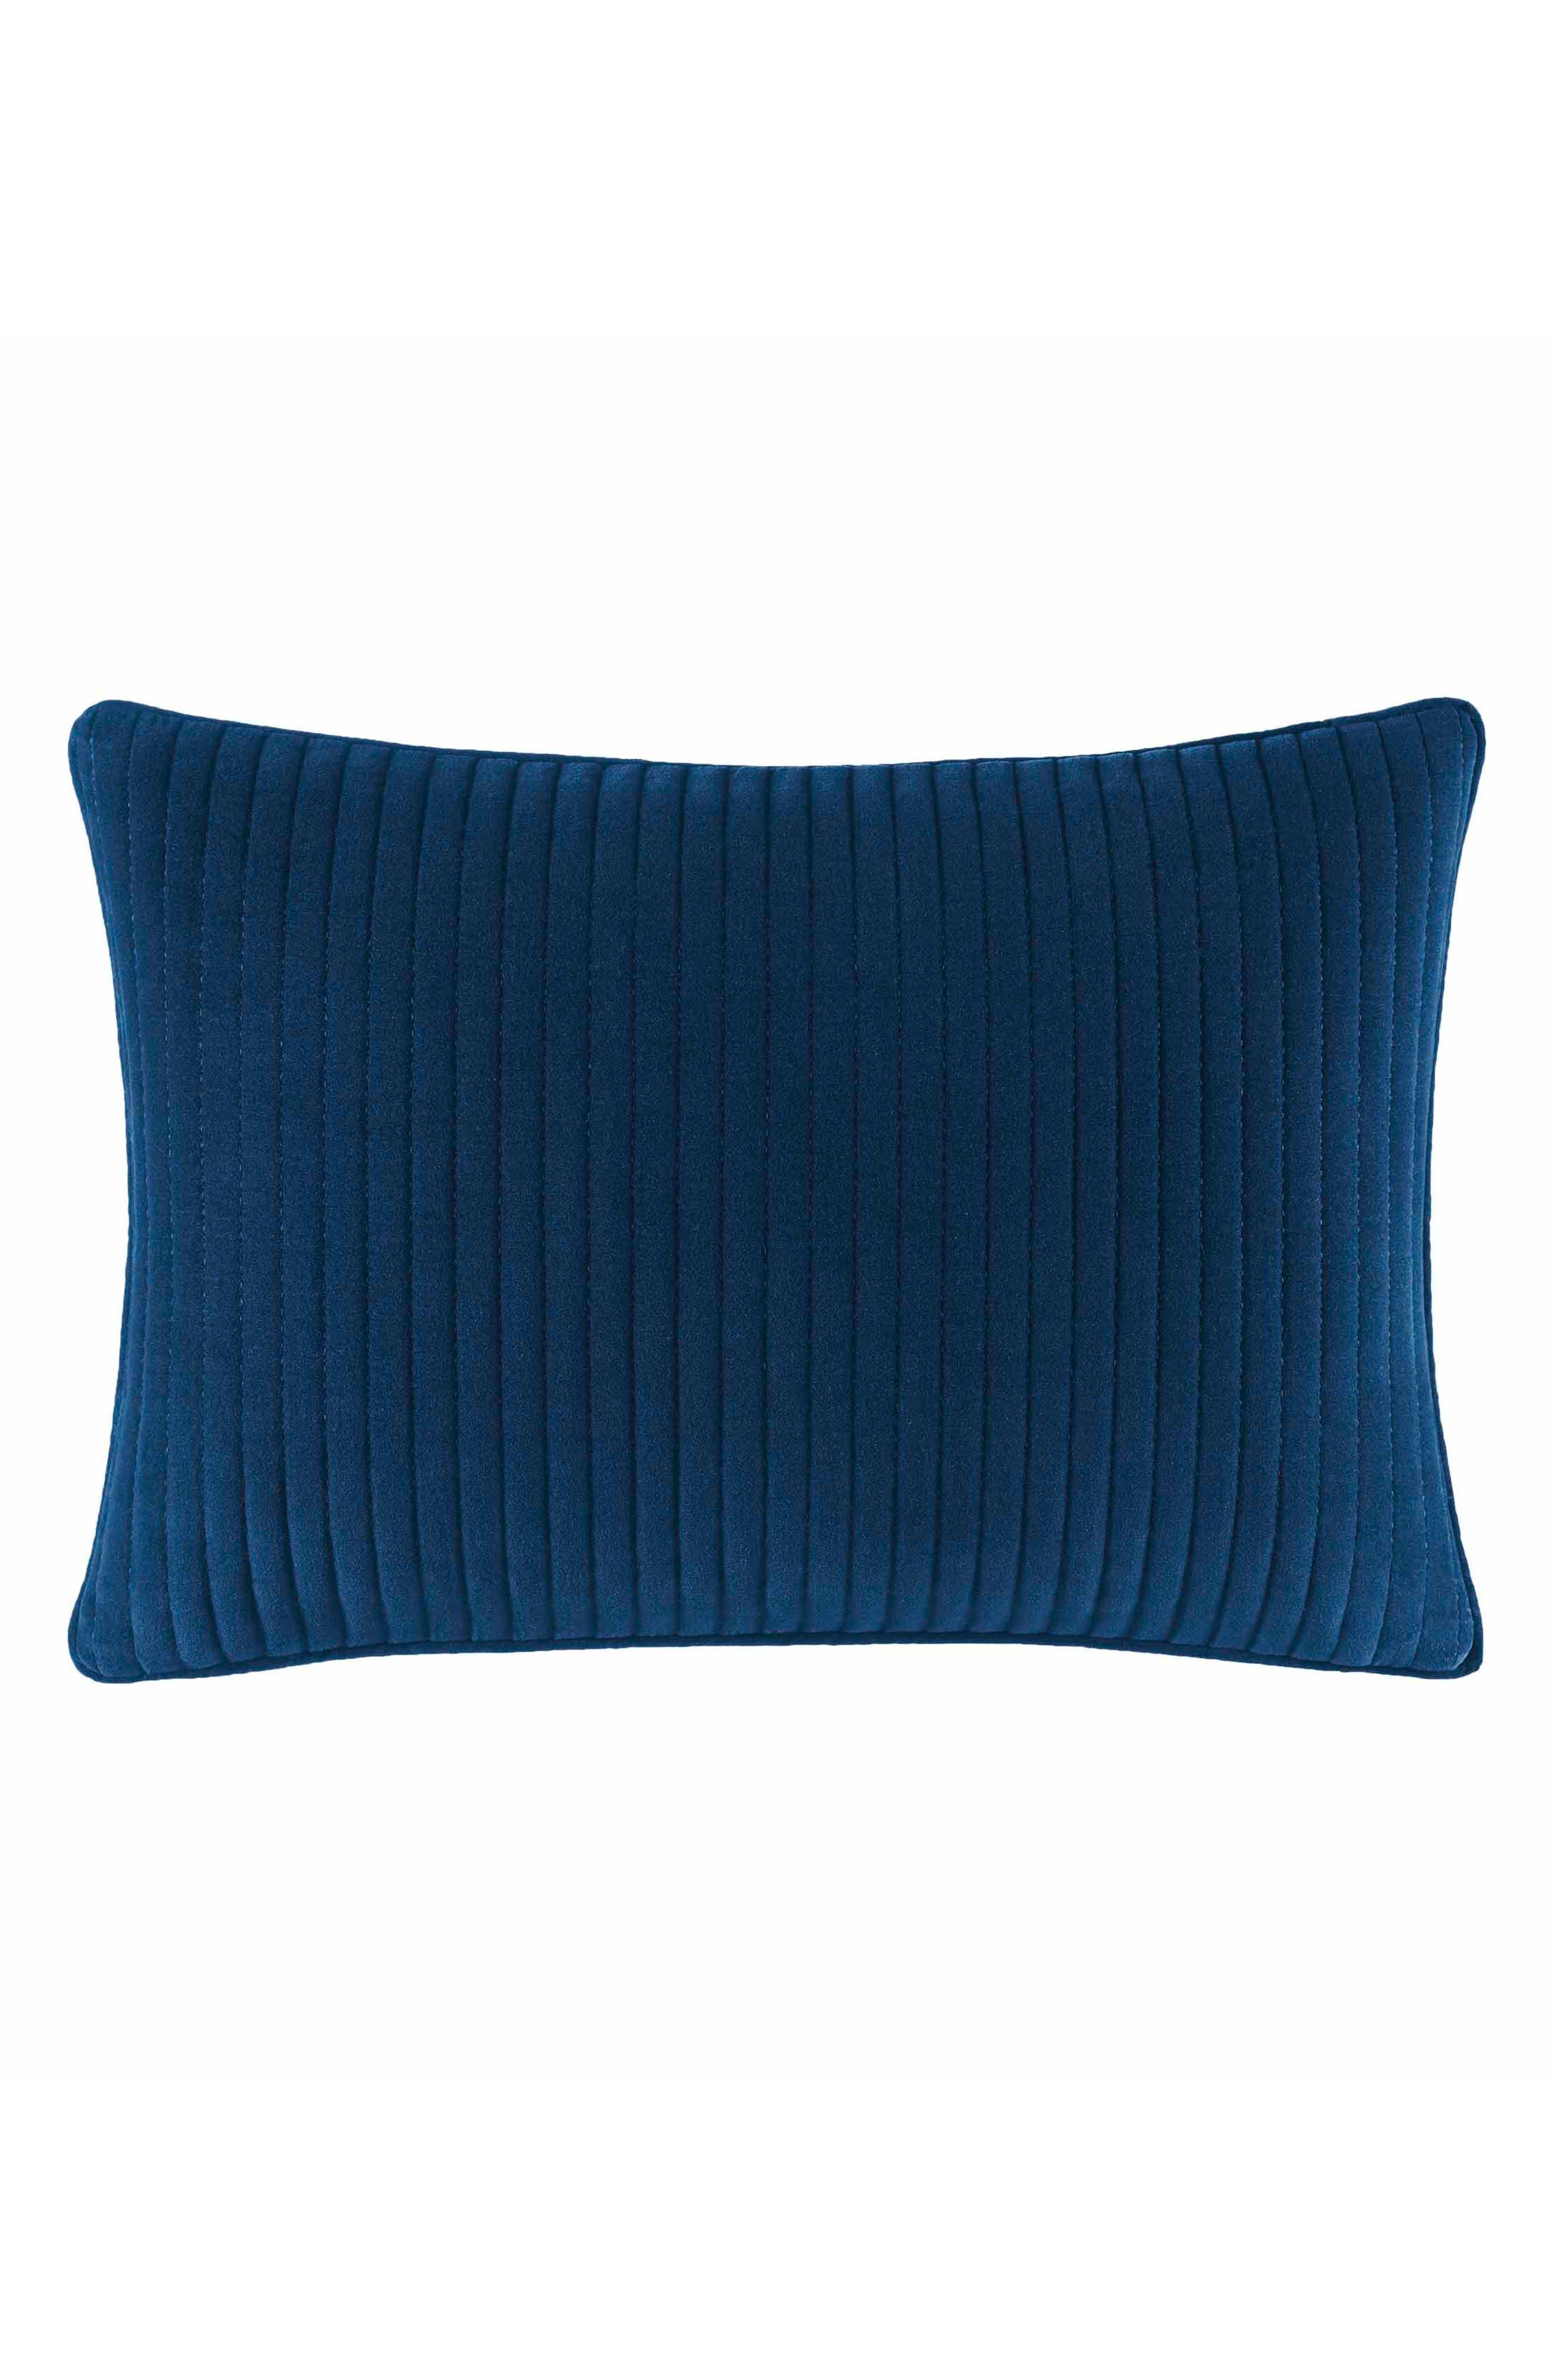 Cape Coral Pick Stitch Pillow,                             Main thumbnail 1, color,                             405